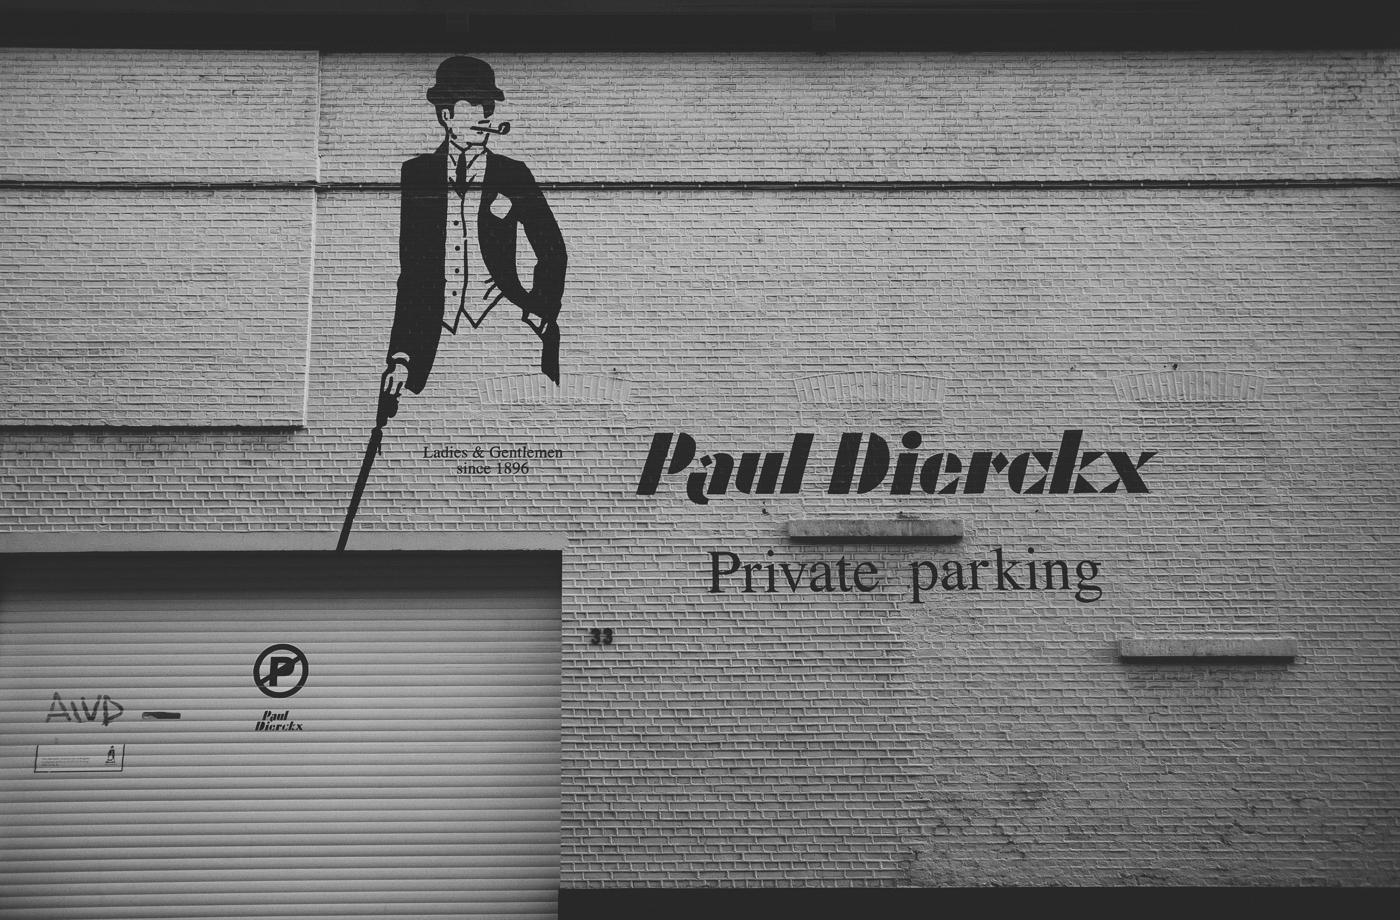 Paul Dierckx